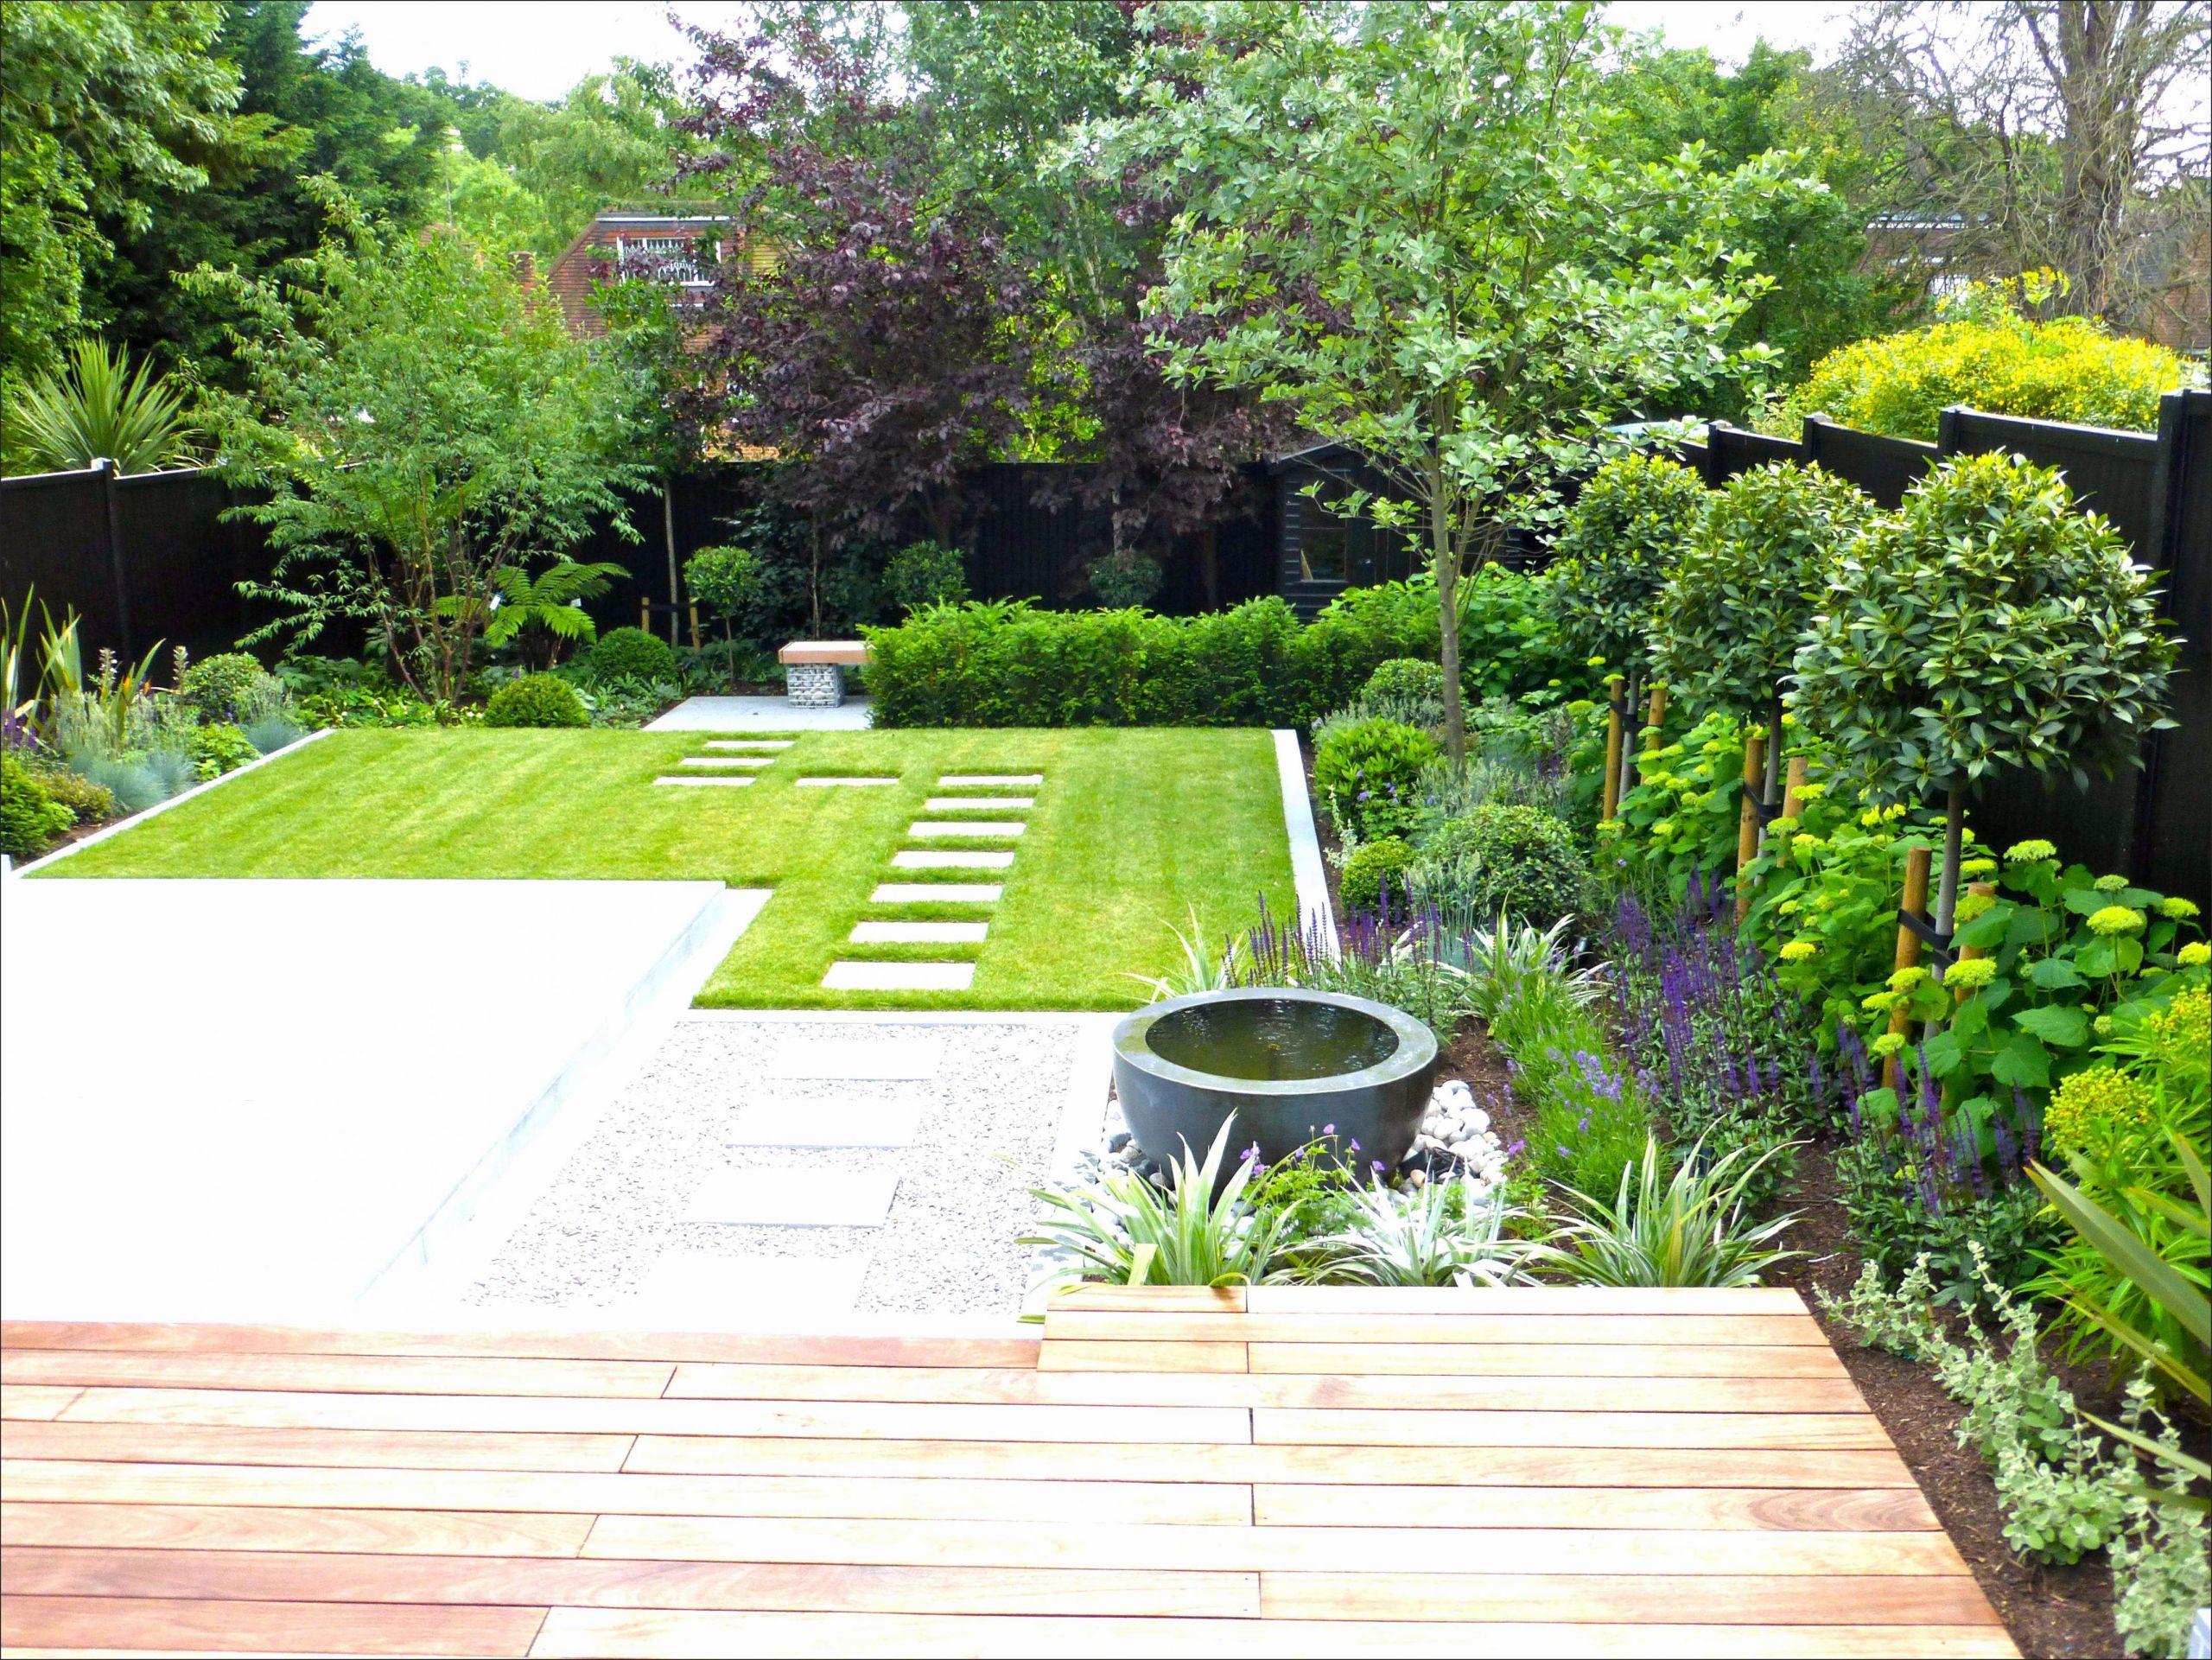 38 neu wasserbrunnen garten traumgarten mit pool traumgarten mit pool